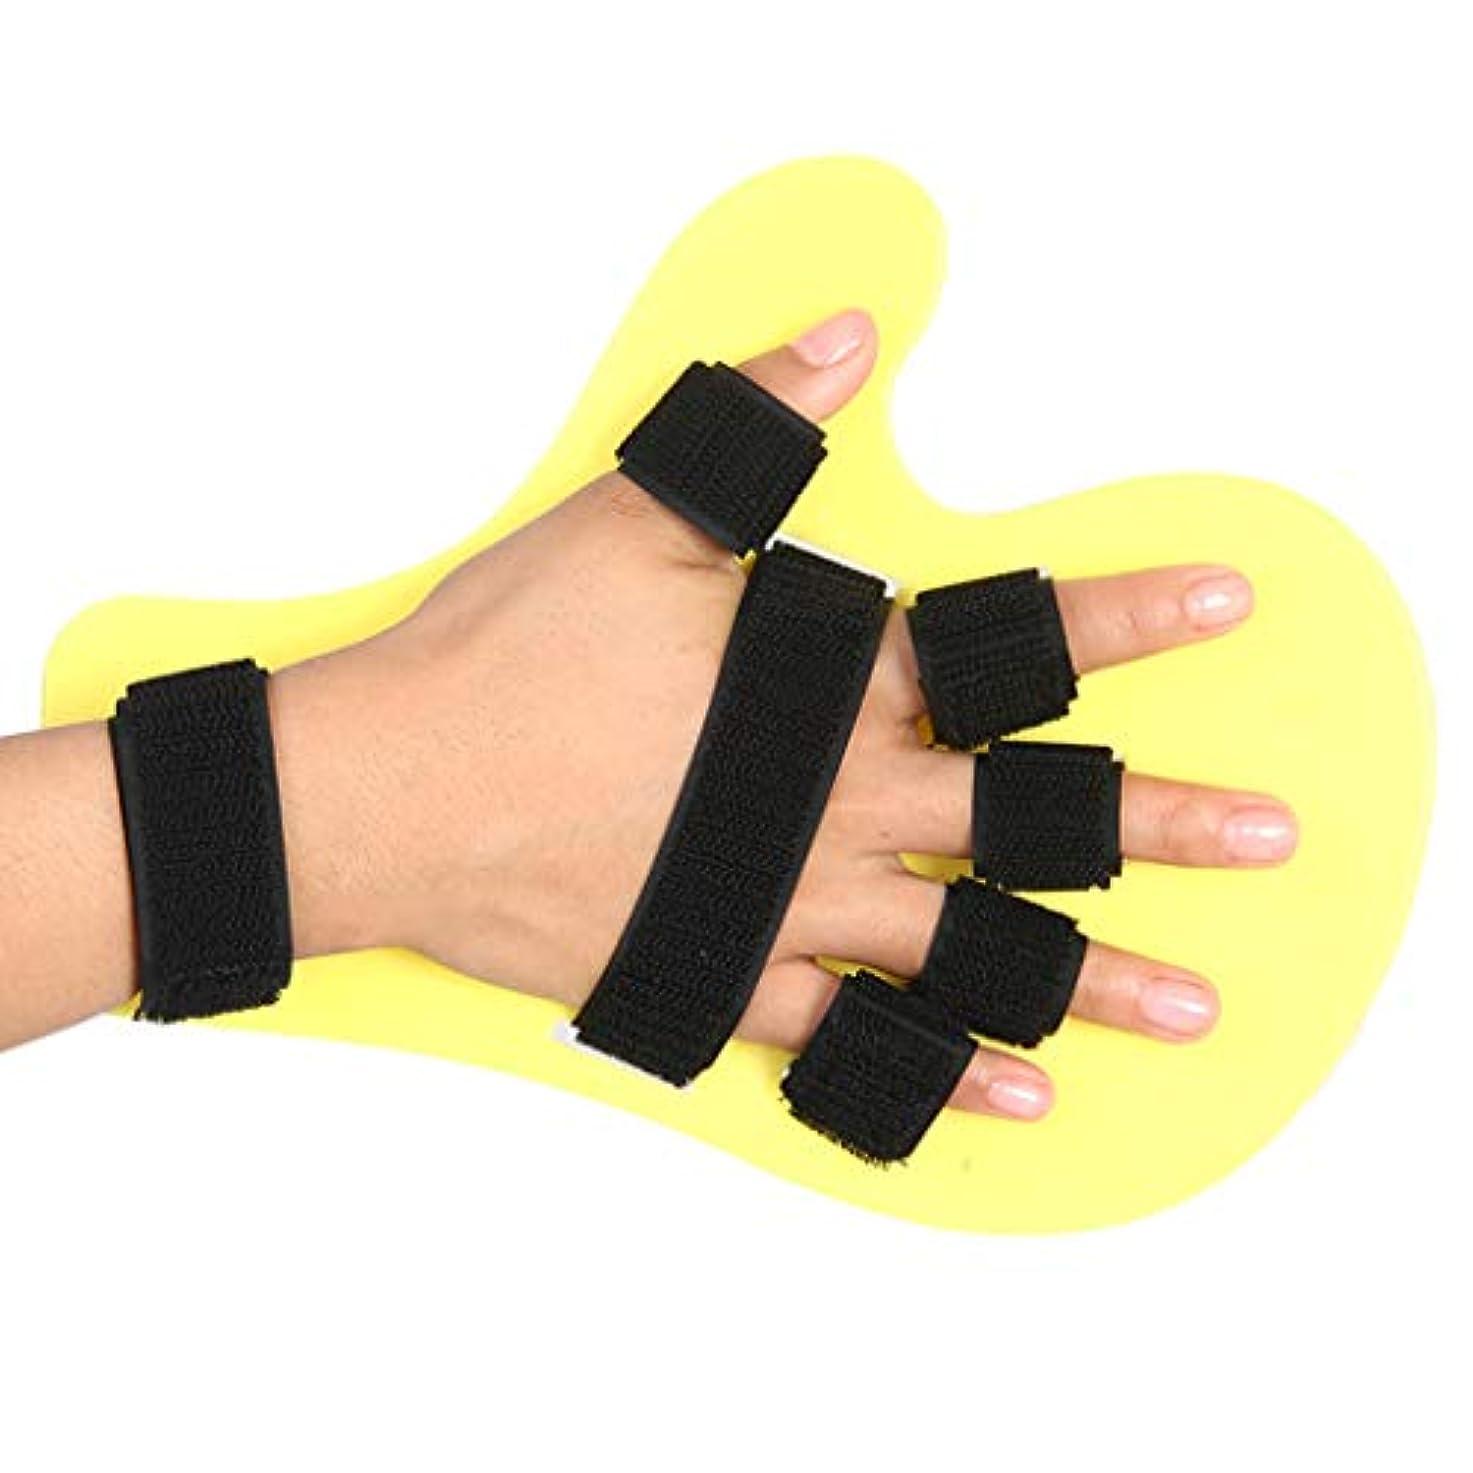 インデックスアラブ遠近法副子指板訓練装置、調節可能な指装具、脳卒中片麻痺のための指リハビリテーション固定ストレート,A